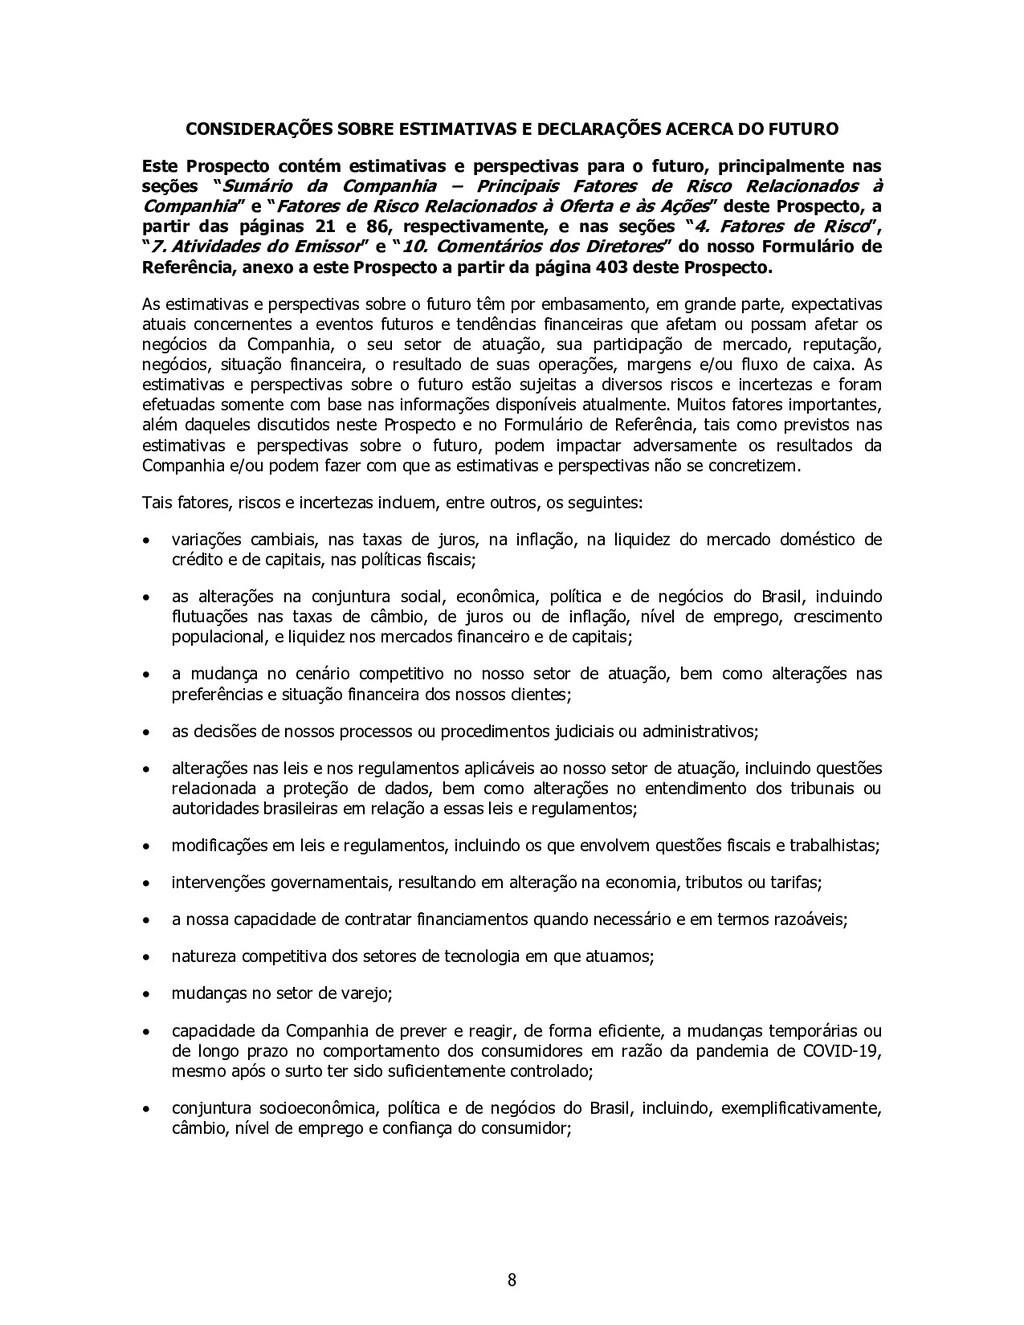 8 CONSIDERAÇÕES SOBRE ESTIMATIVAS E DECLARAÇÕES...